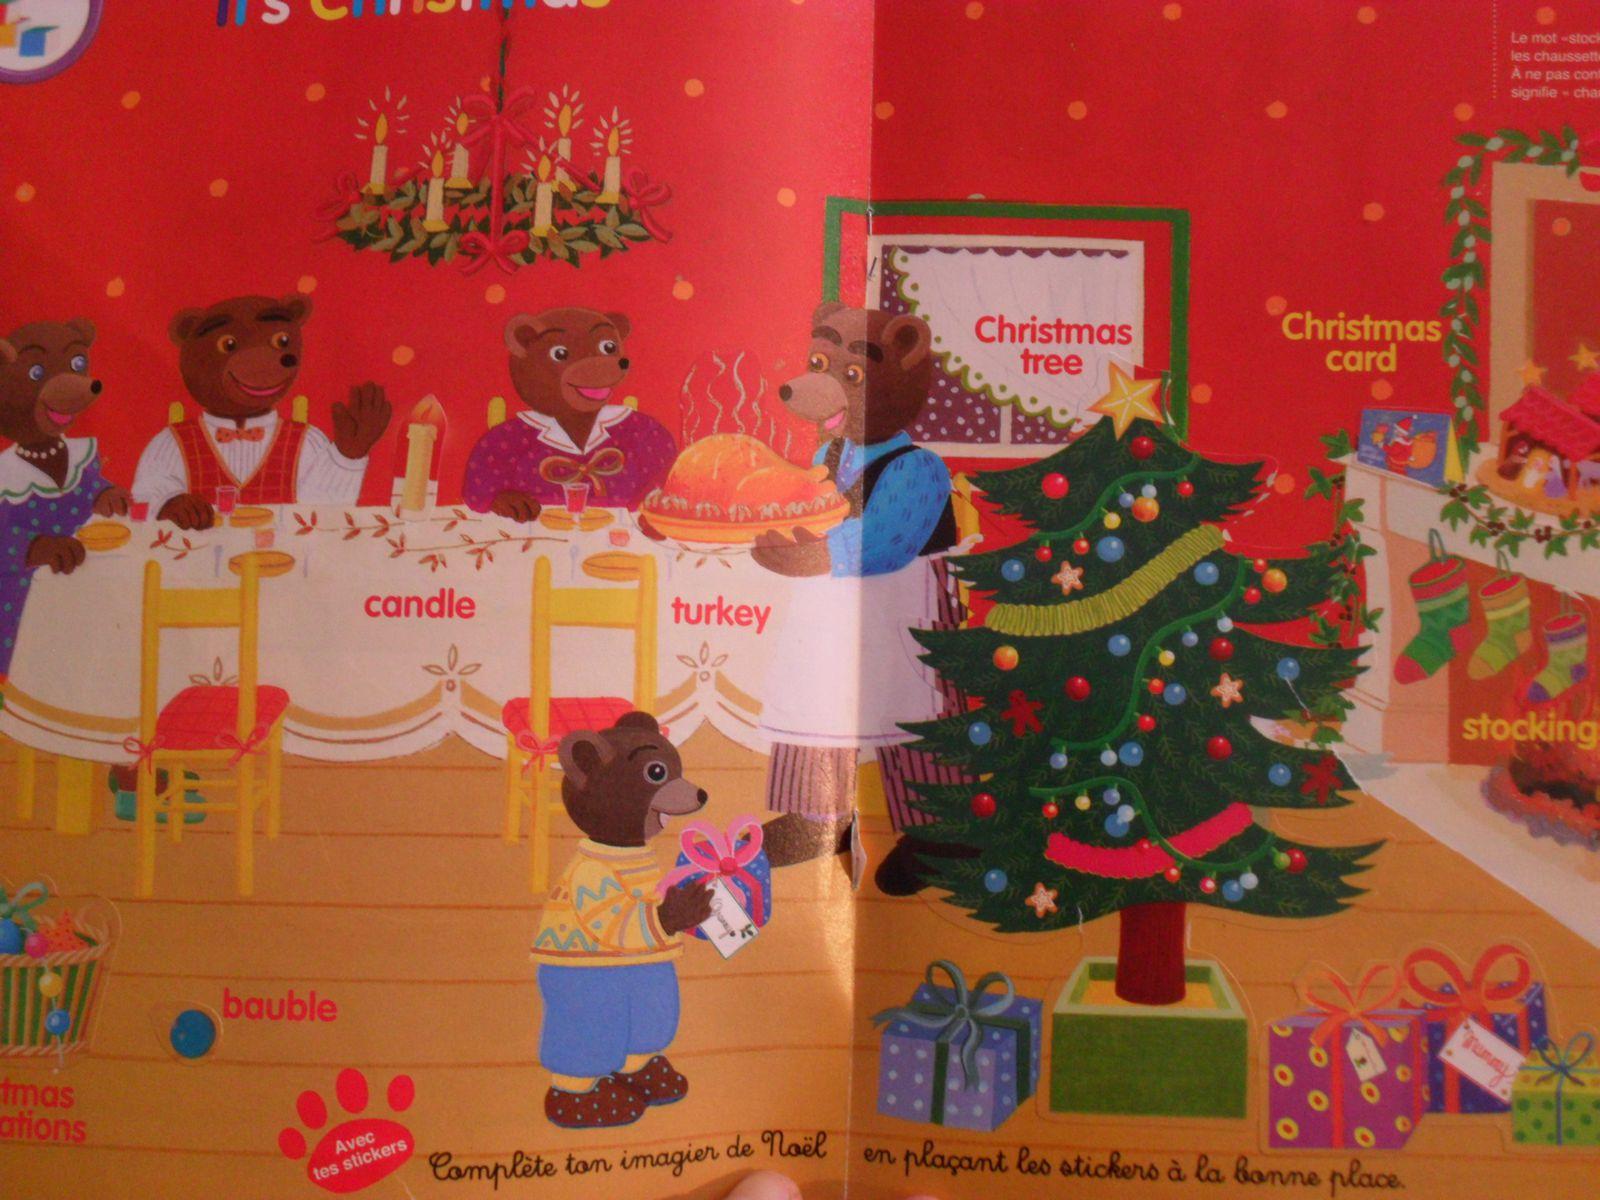 Comment préparons-nous Noël?